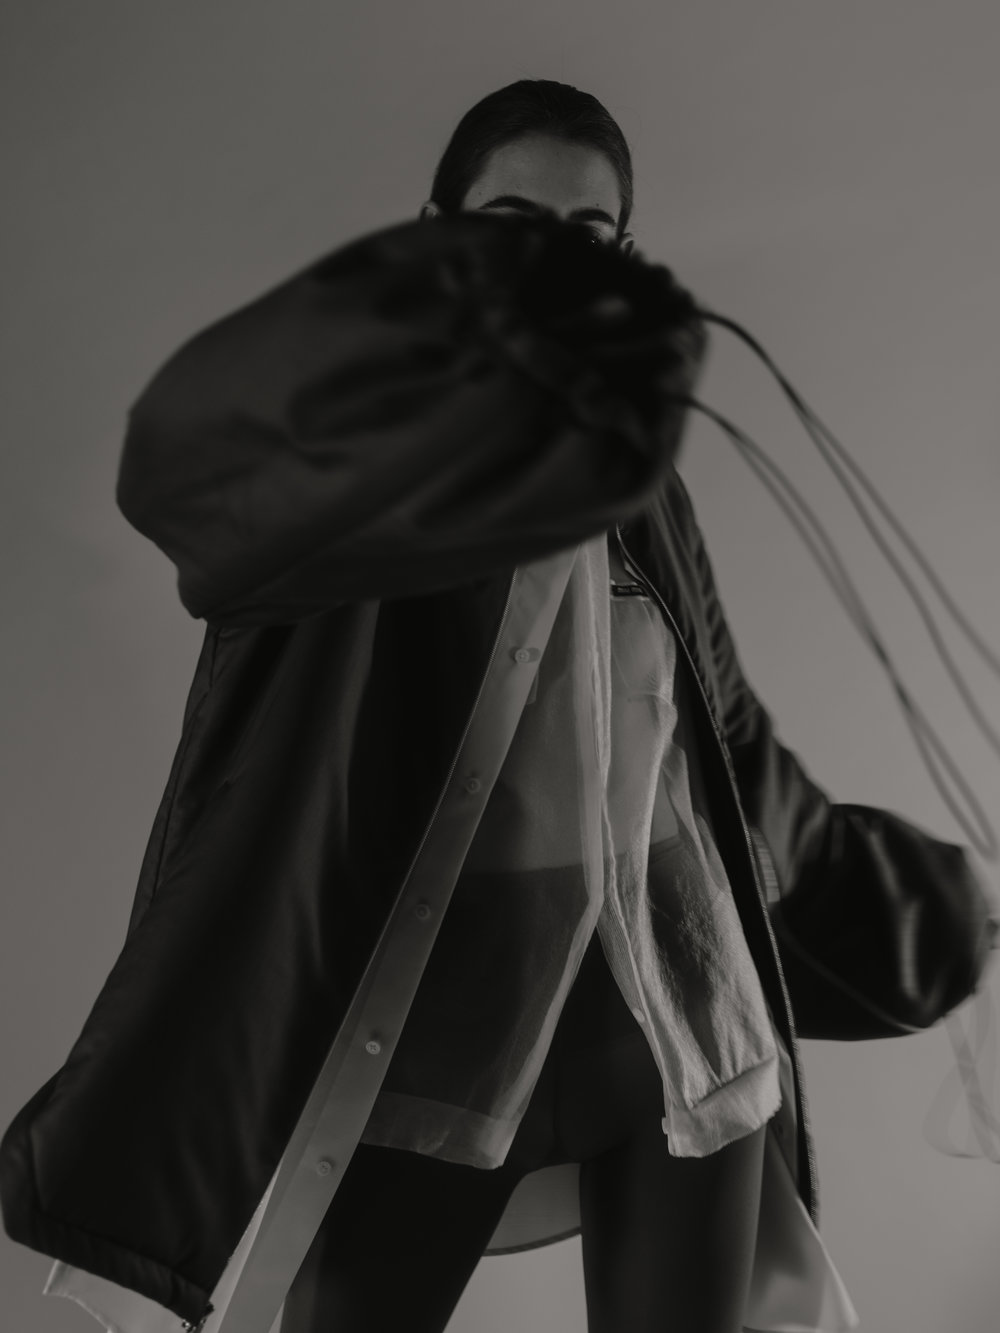 Shirt  MIU MIU    Long shirt  FACETASM    Jacket  ROUGE MARGOT